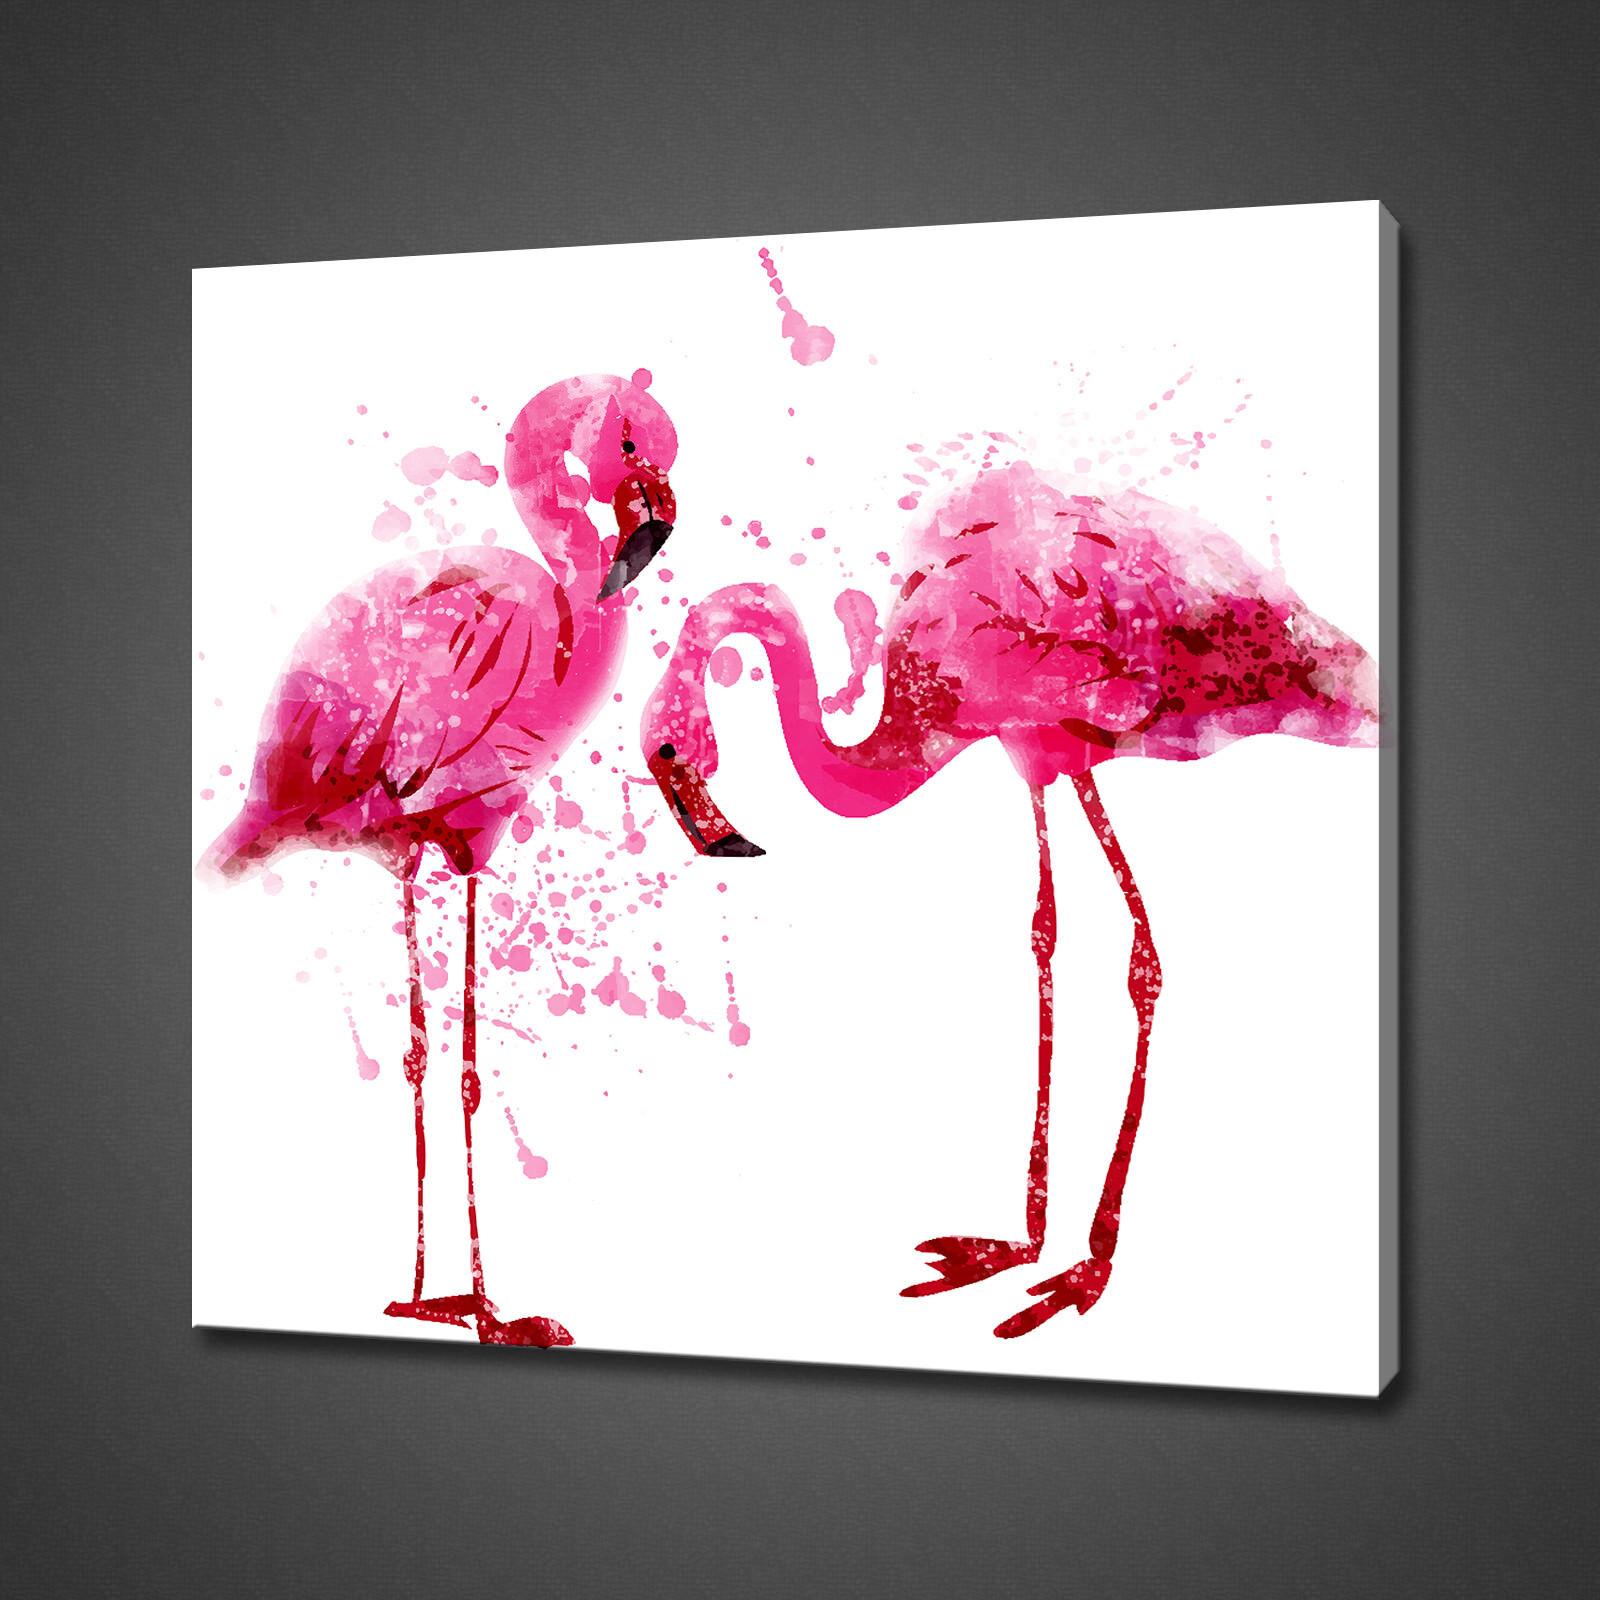 FLAMANTS ROSES Abstrait Toile Photo Print Wall Art Home Decor livraison gratuite